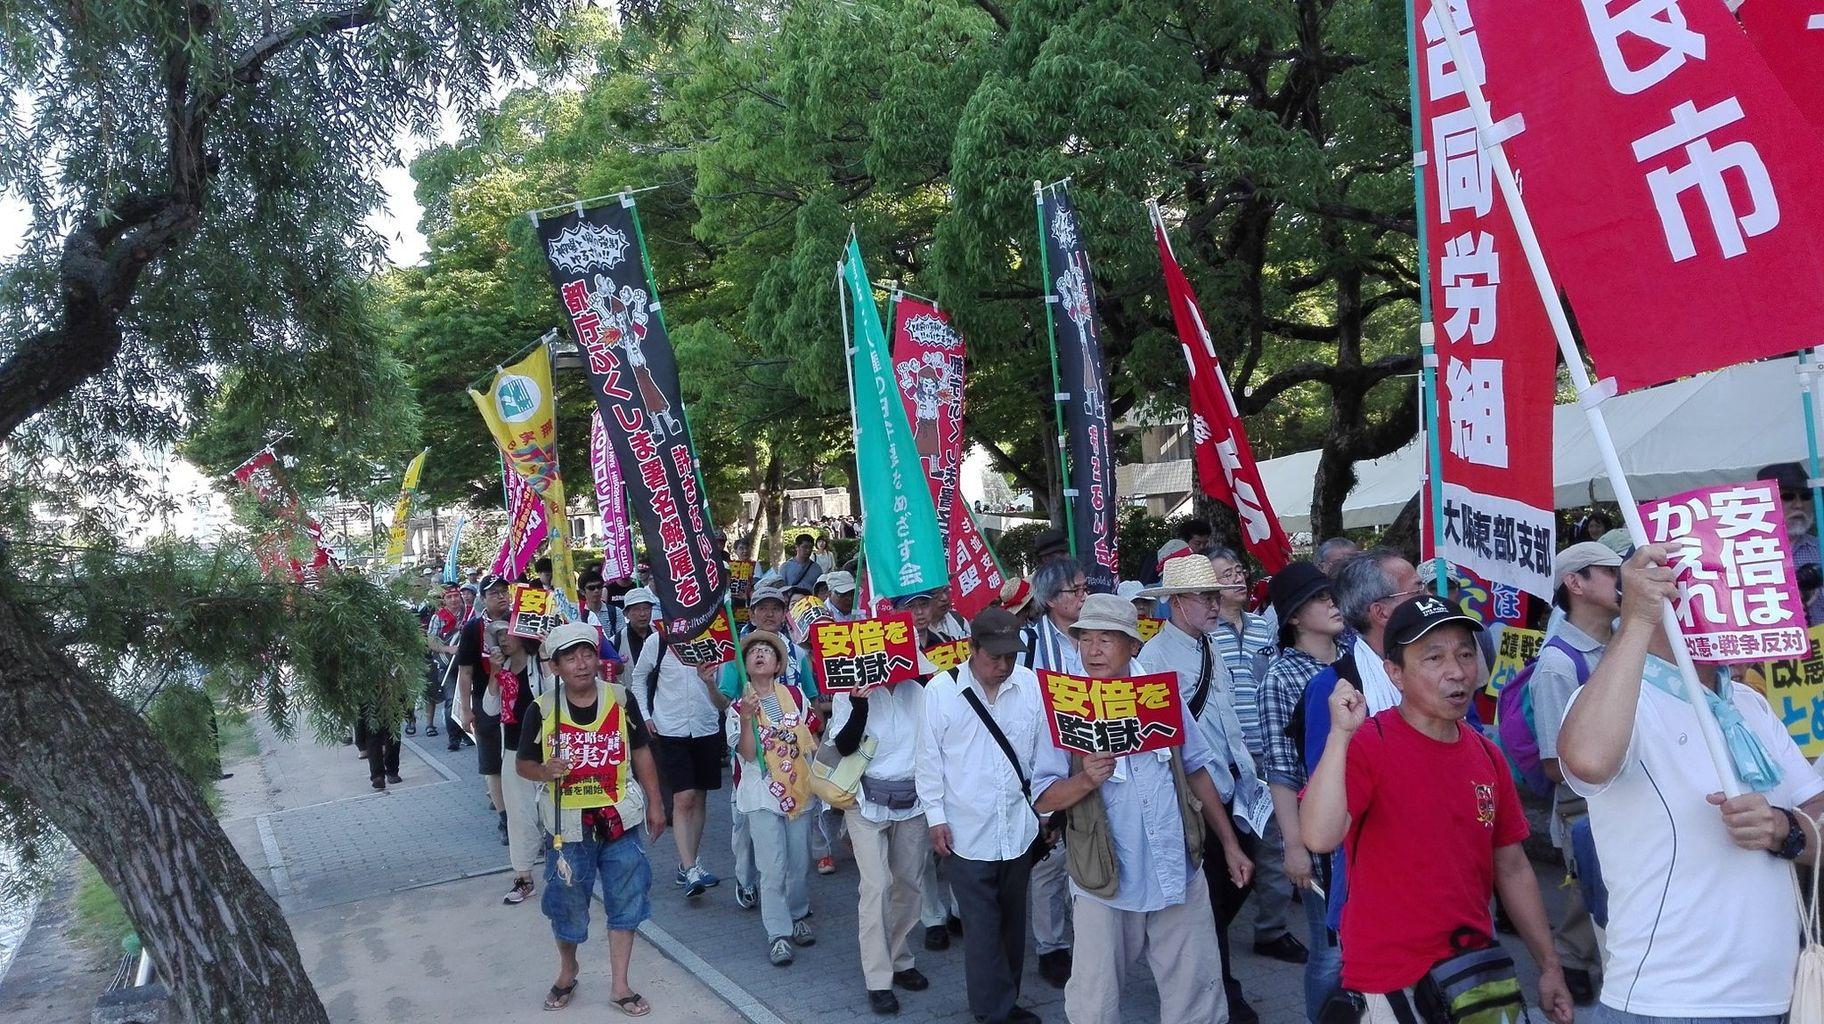 http://livedoor.blogimg.jp/gensen_2ch/imgs/d/c/dc2c0971.jpg